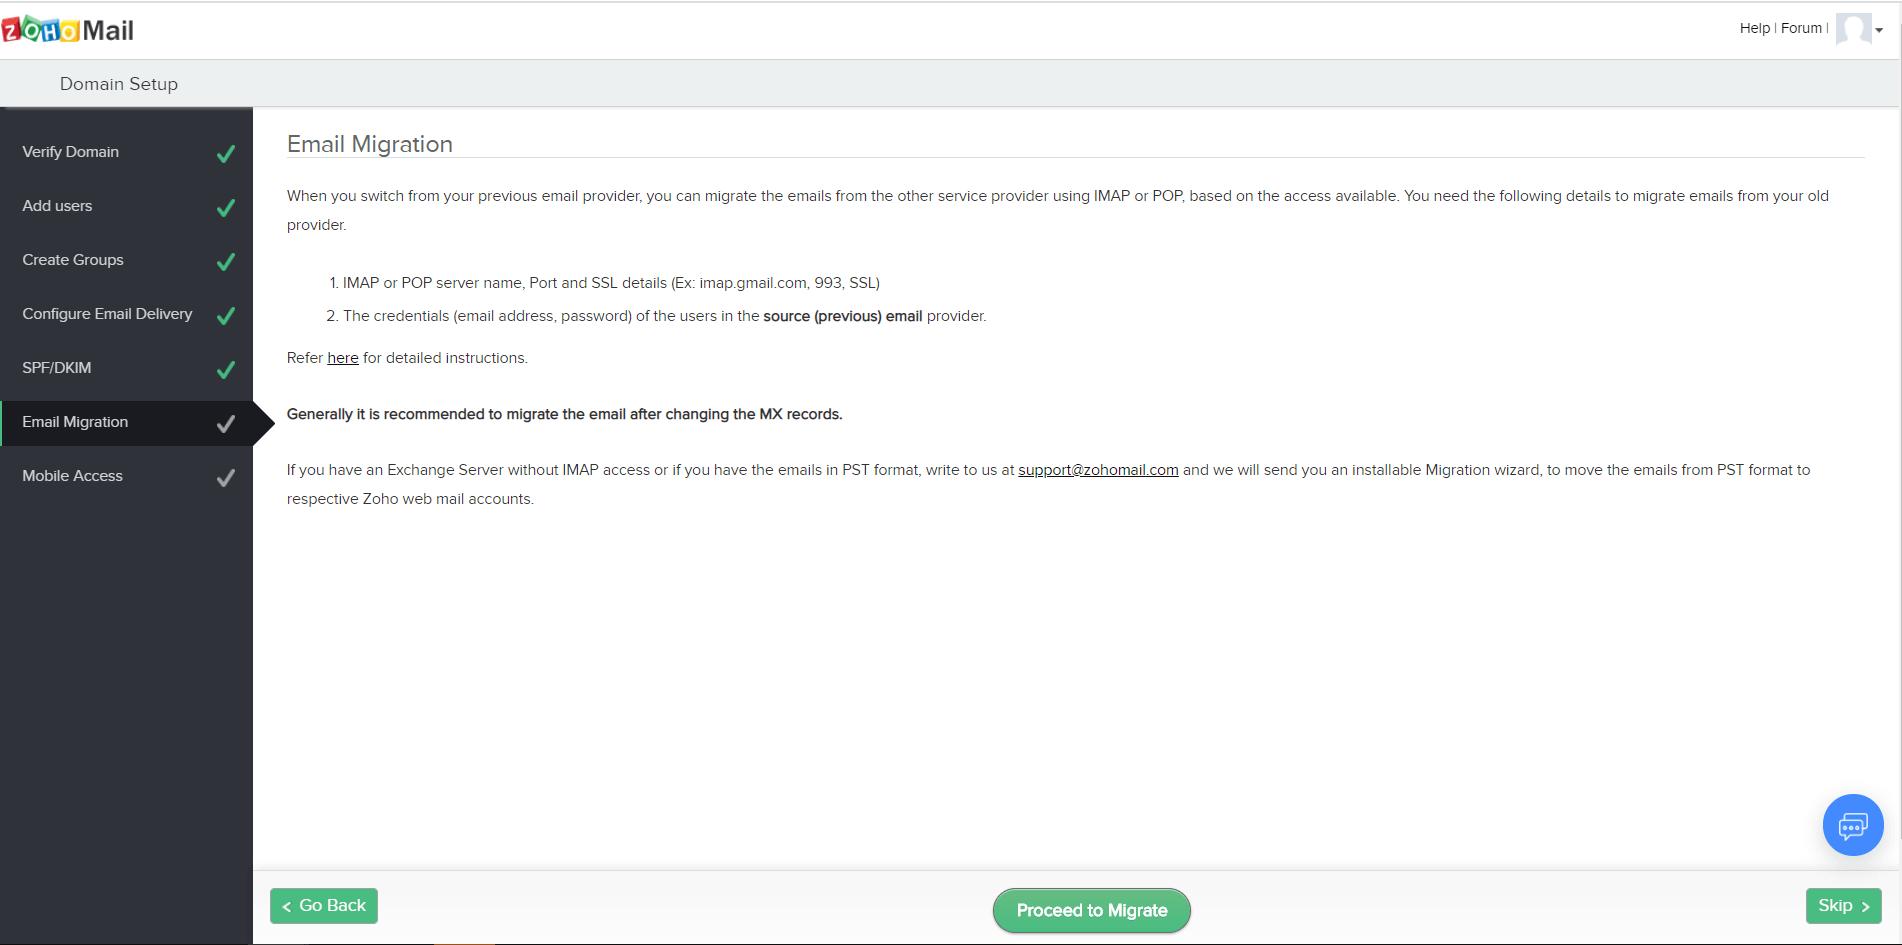 Как создать почтовый ящик со своим доменом. Страница для импорта писем от предыдущего провайдера.